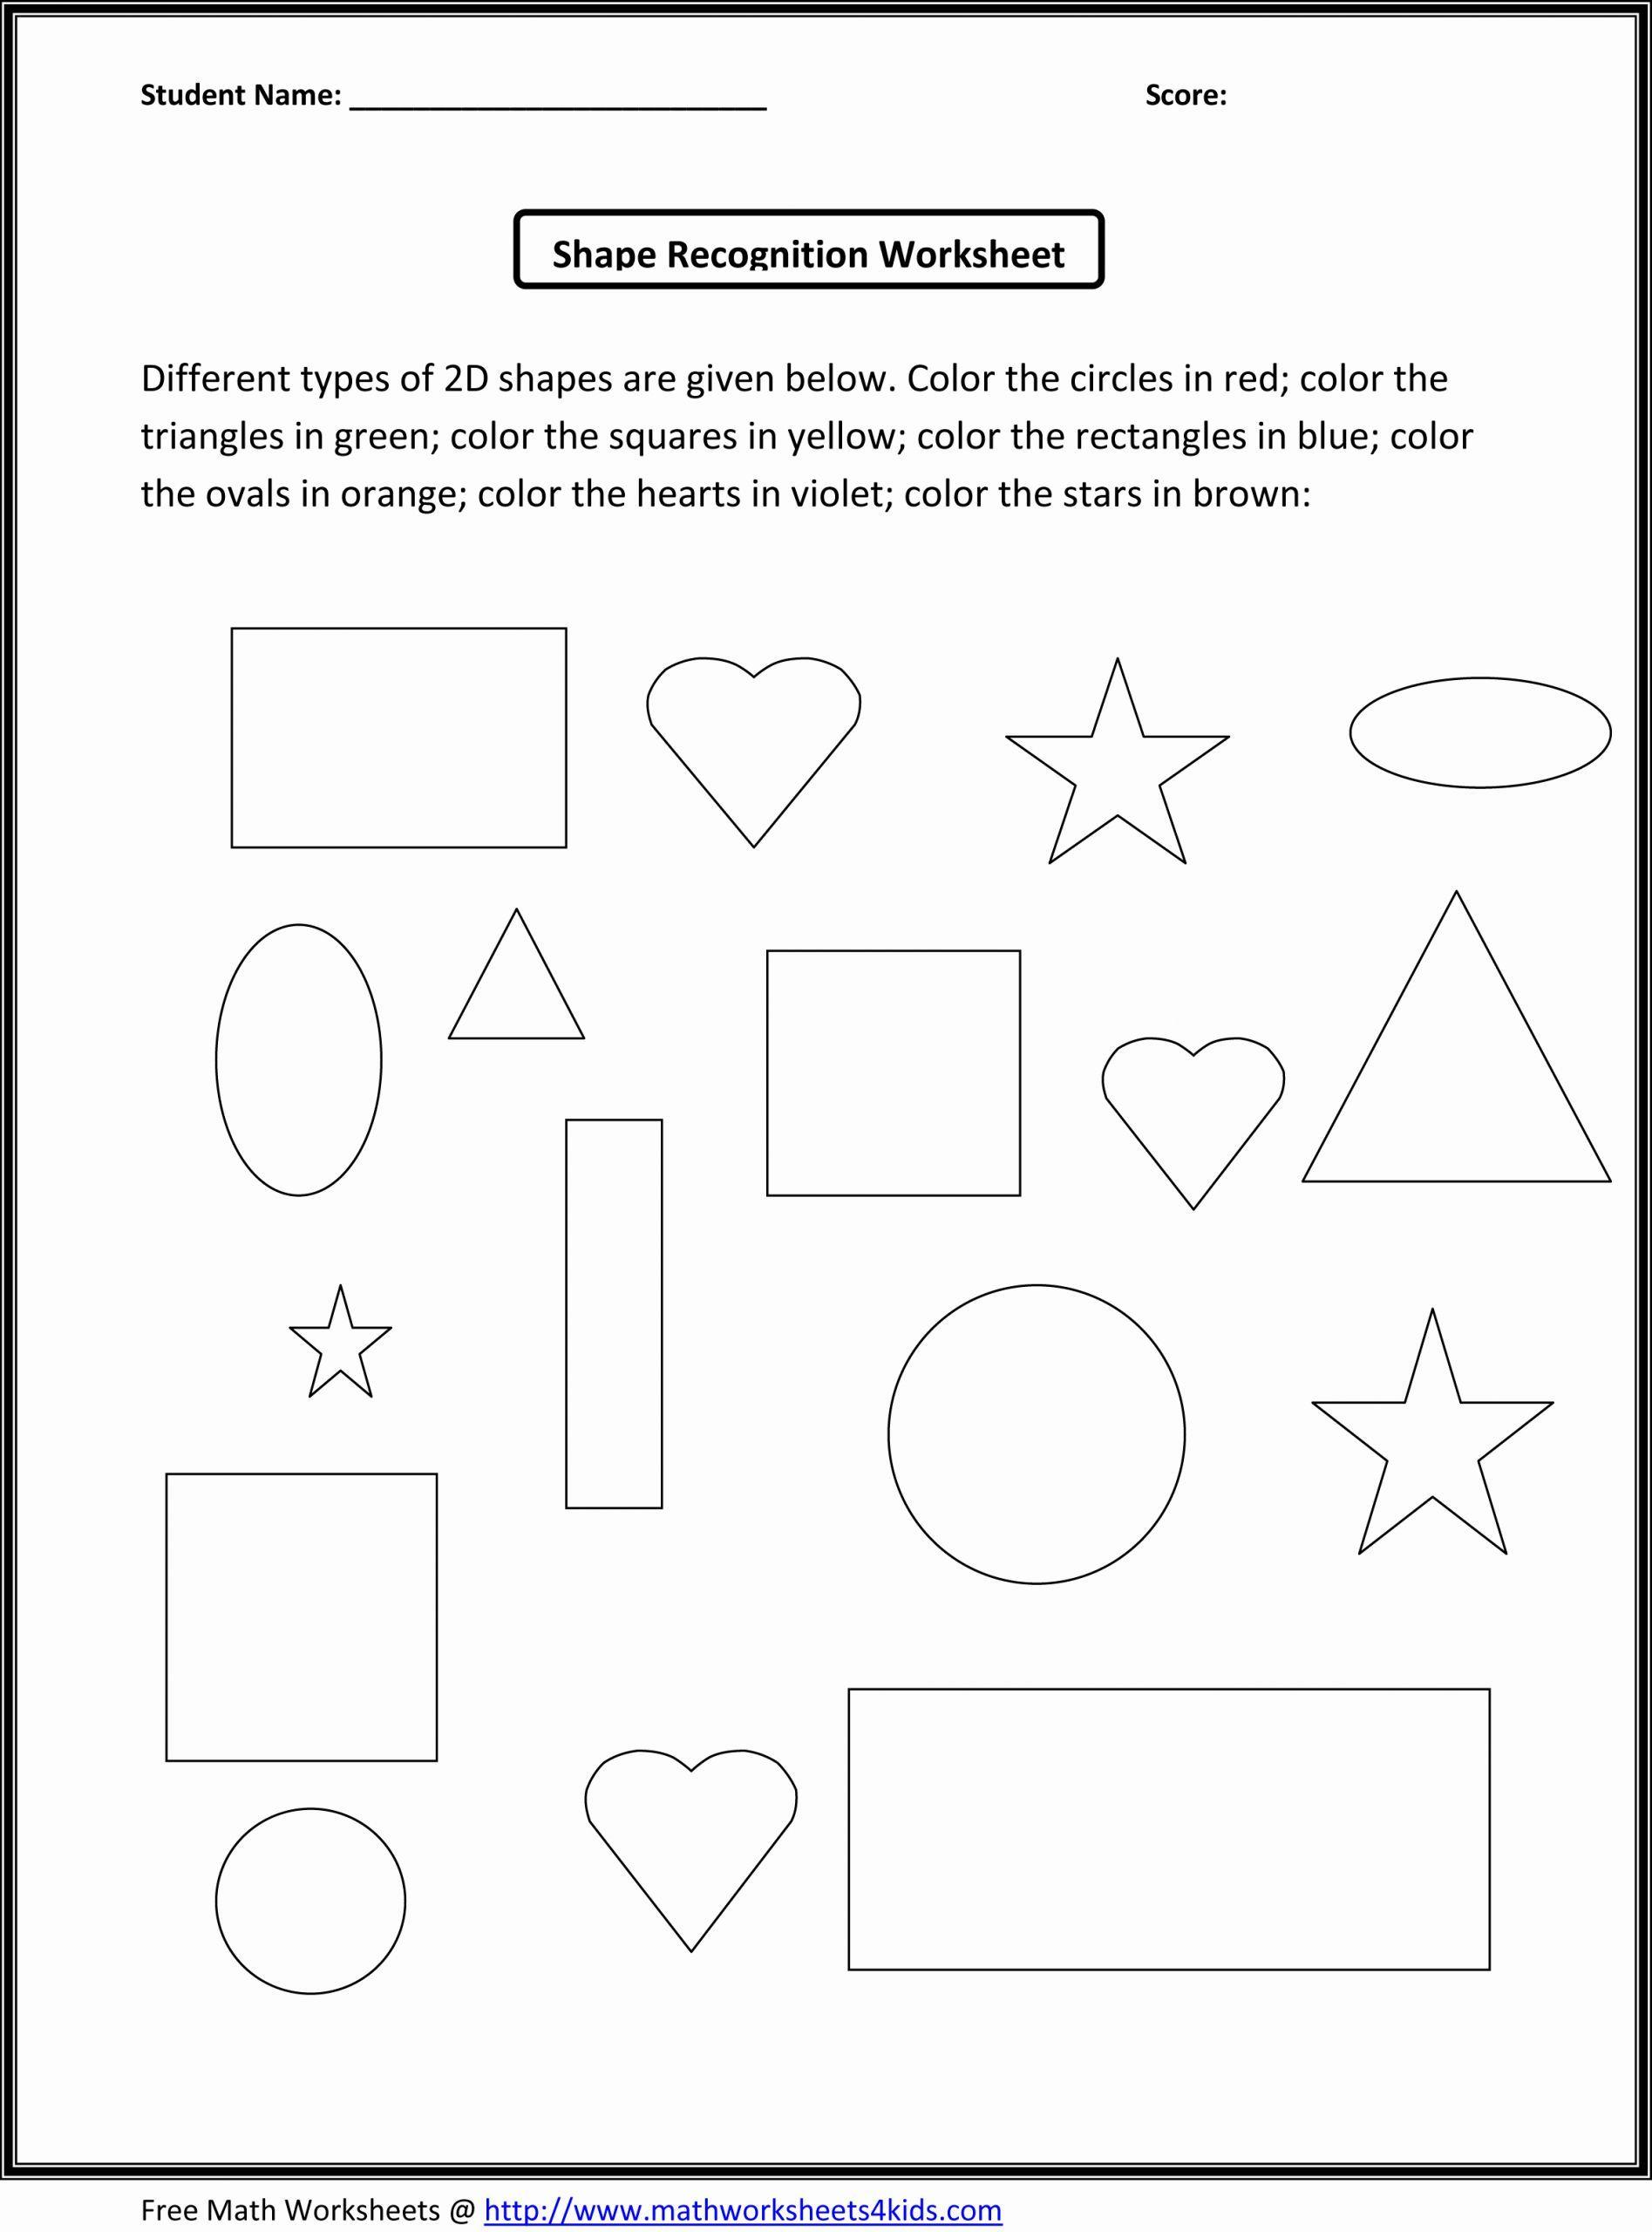 Worksheet For Kindergarten About Shapes In